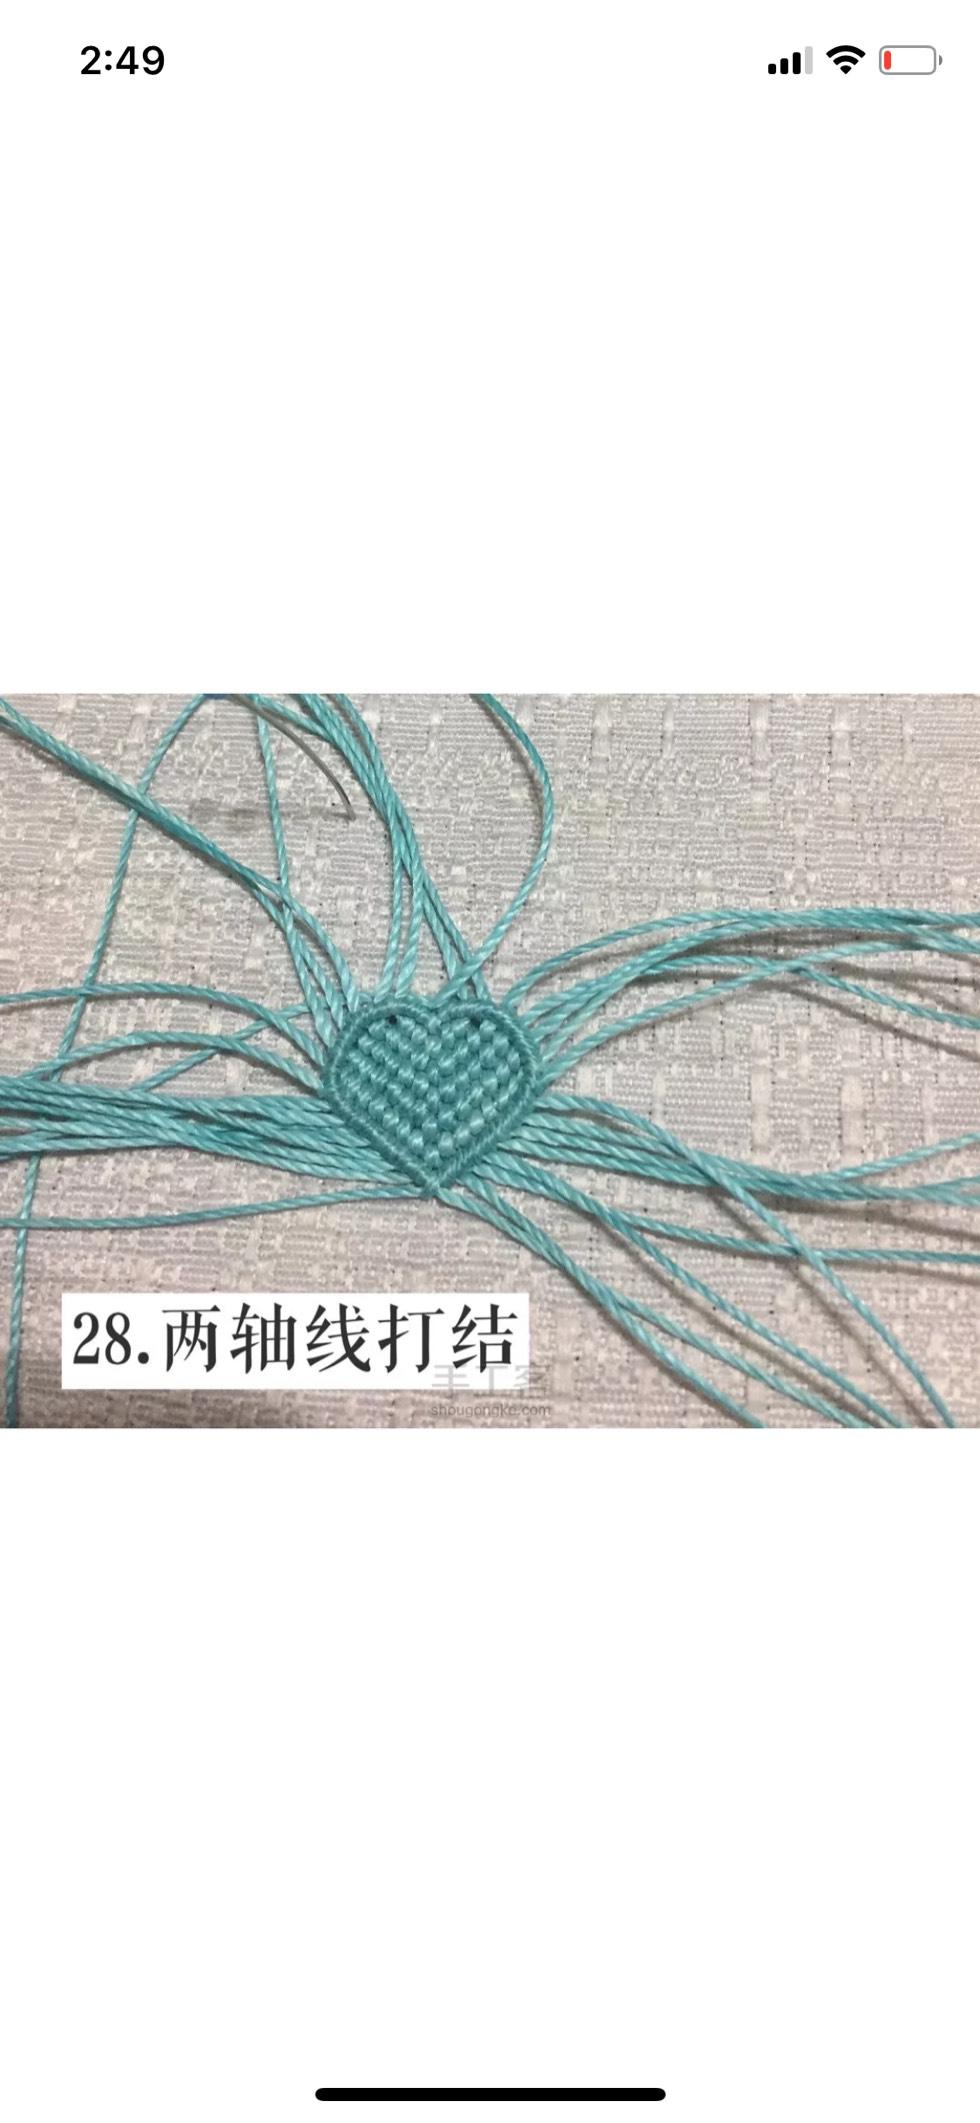 中国结论坛 心型 心形的符号,心形的寓意象征,心形素材,空心心形符号 结艺互助区 145135enjln3qngvvvojvg